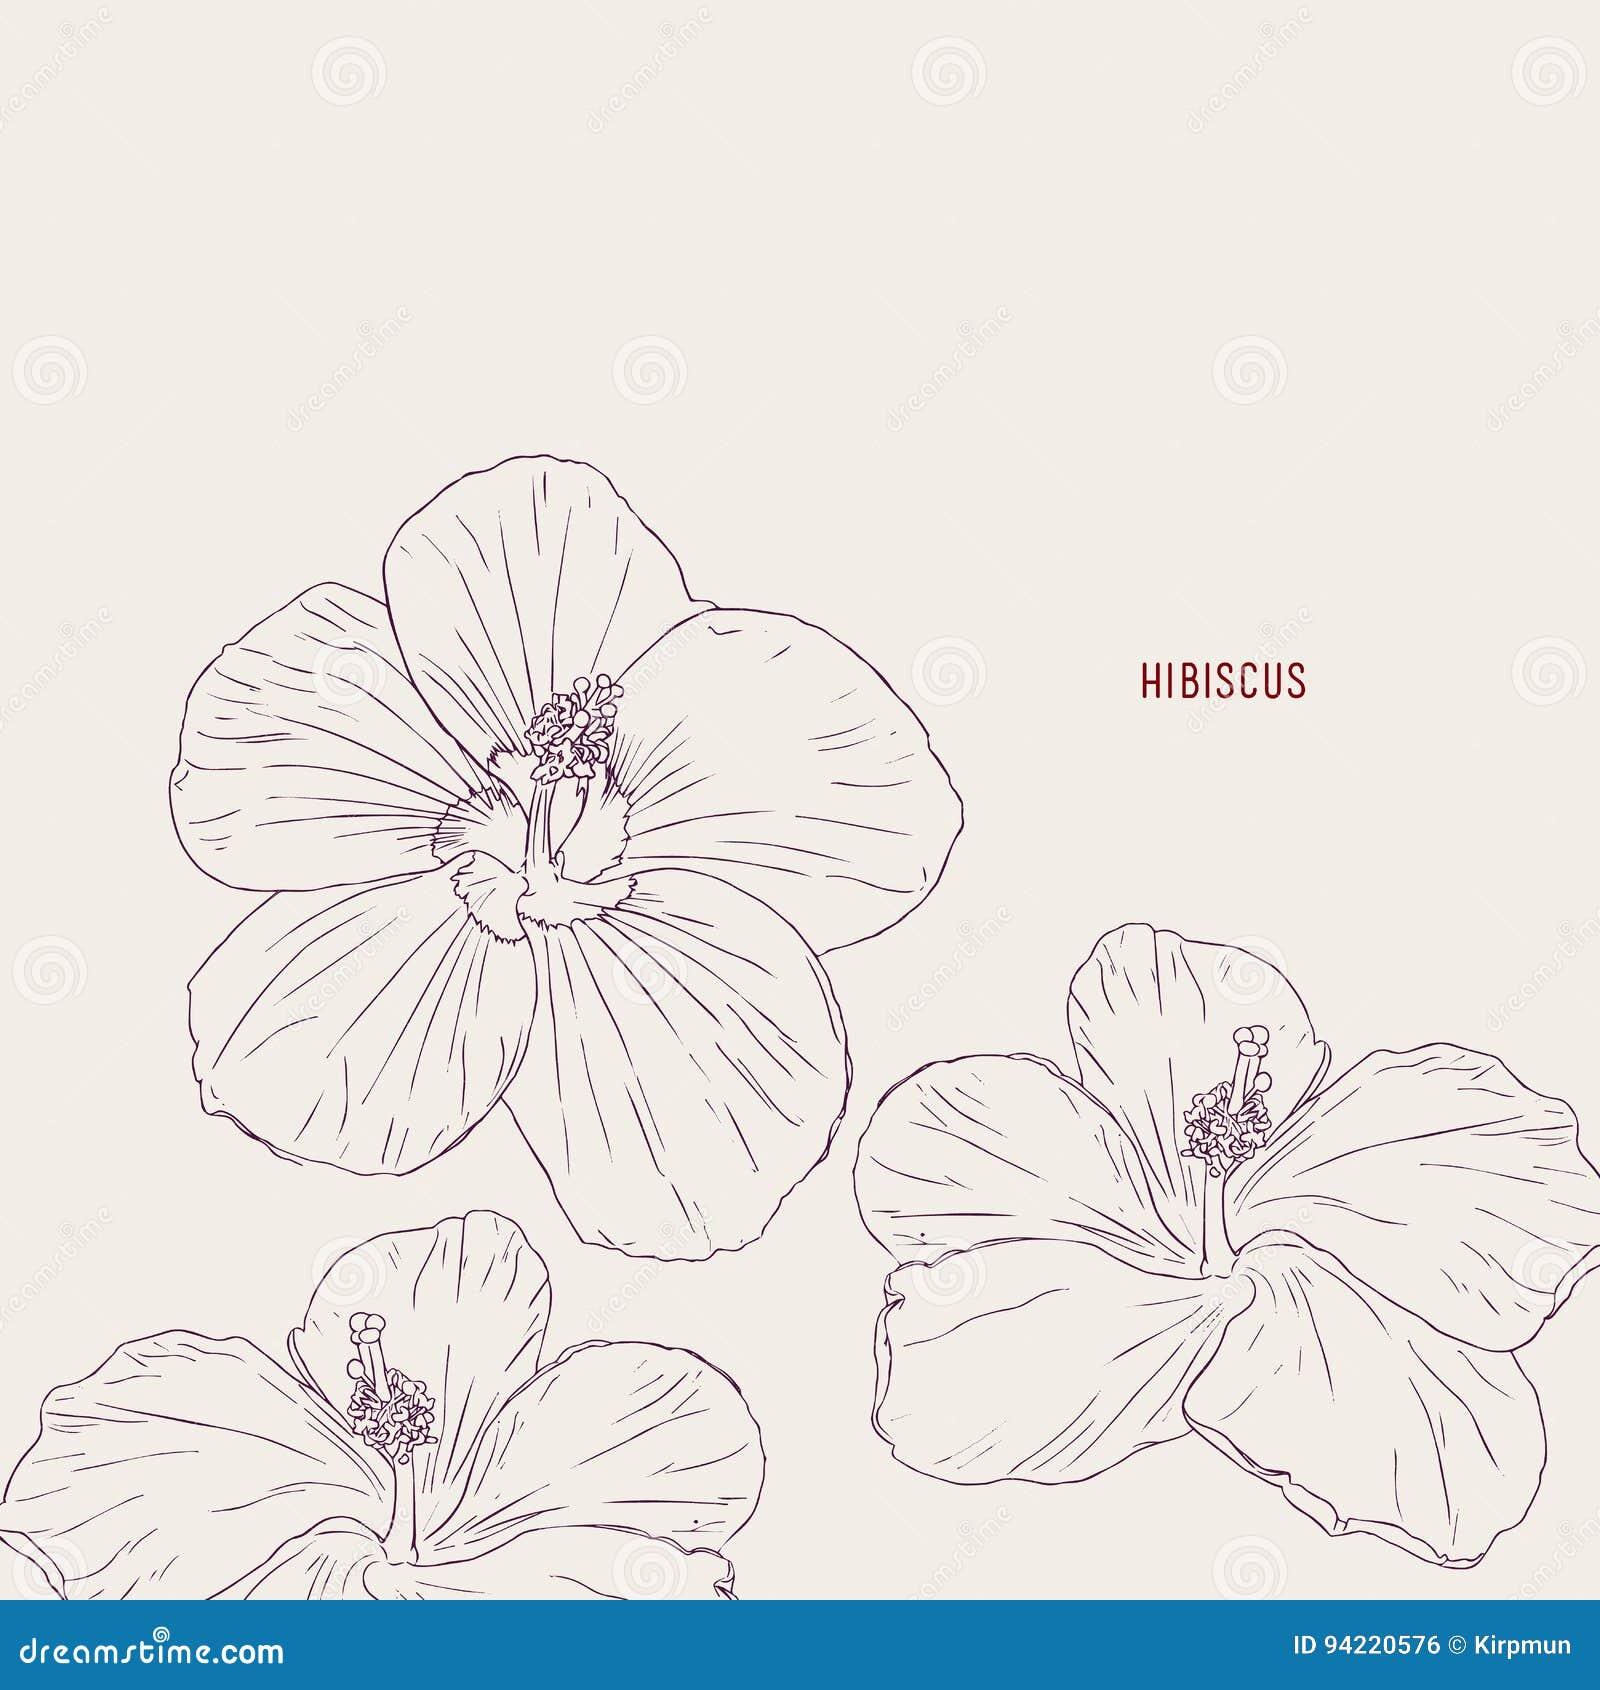 Hawaiian Hibiscus Flowers Sketch Vector Stock Vector